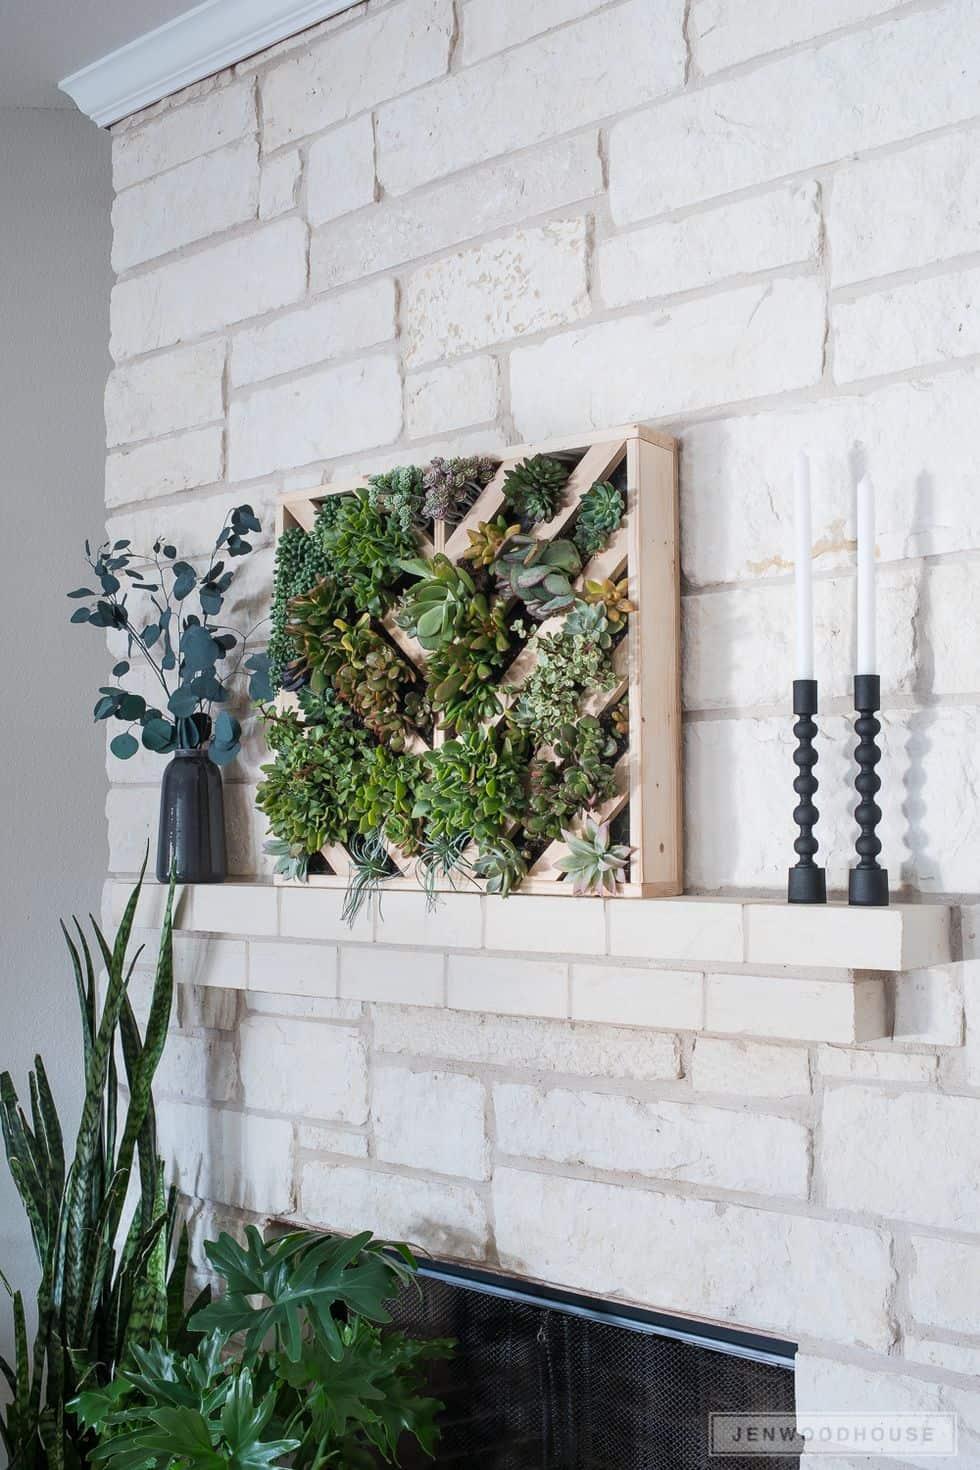 Diy succulent vertical garden